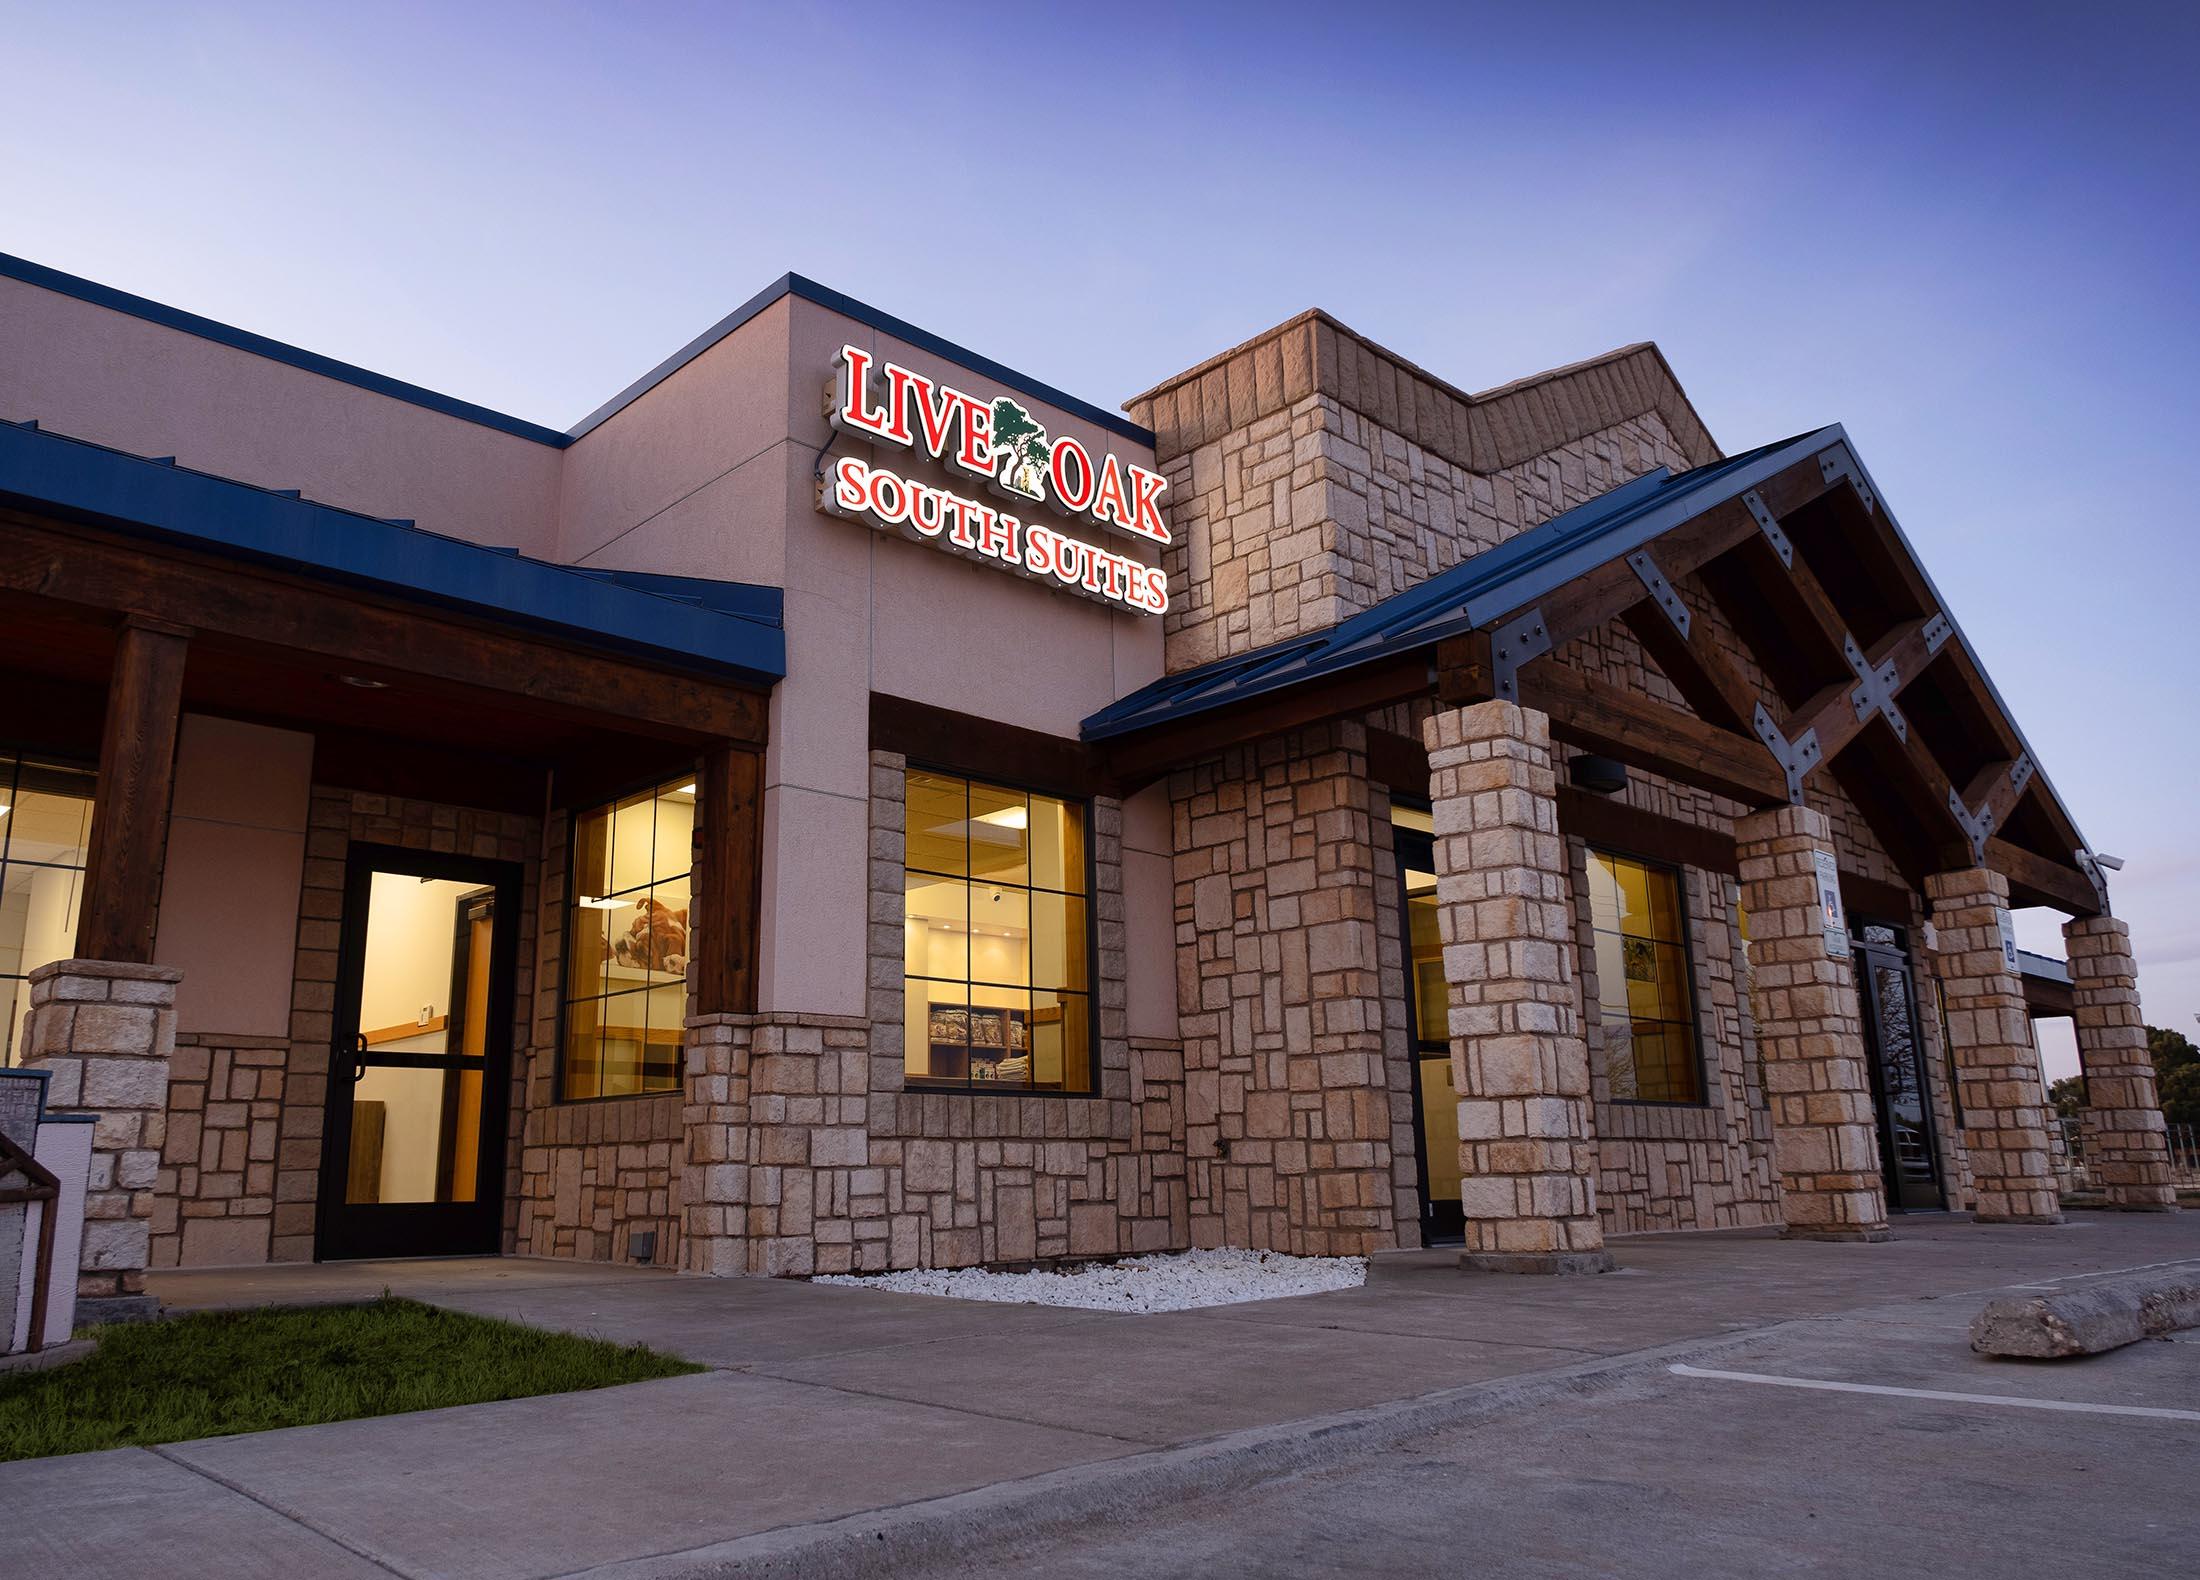 Live Oak South Pet Hotel Lubbock